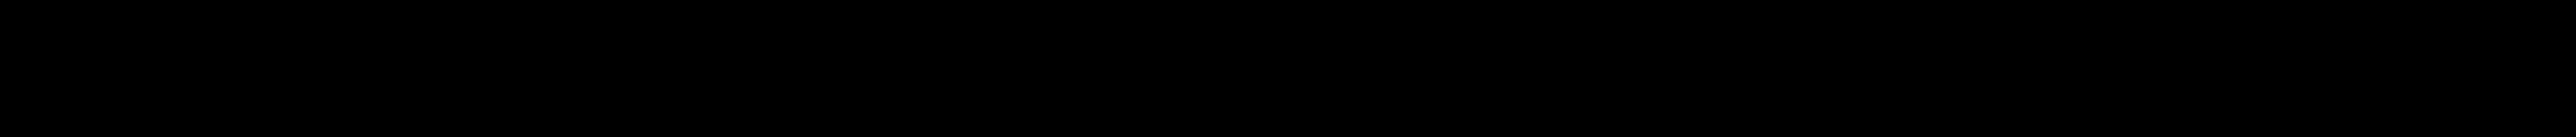 Rogue Sans Extended Pro Medium Italic